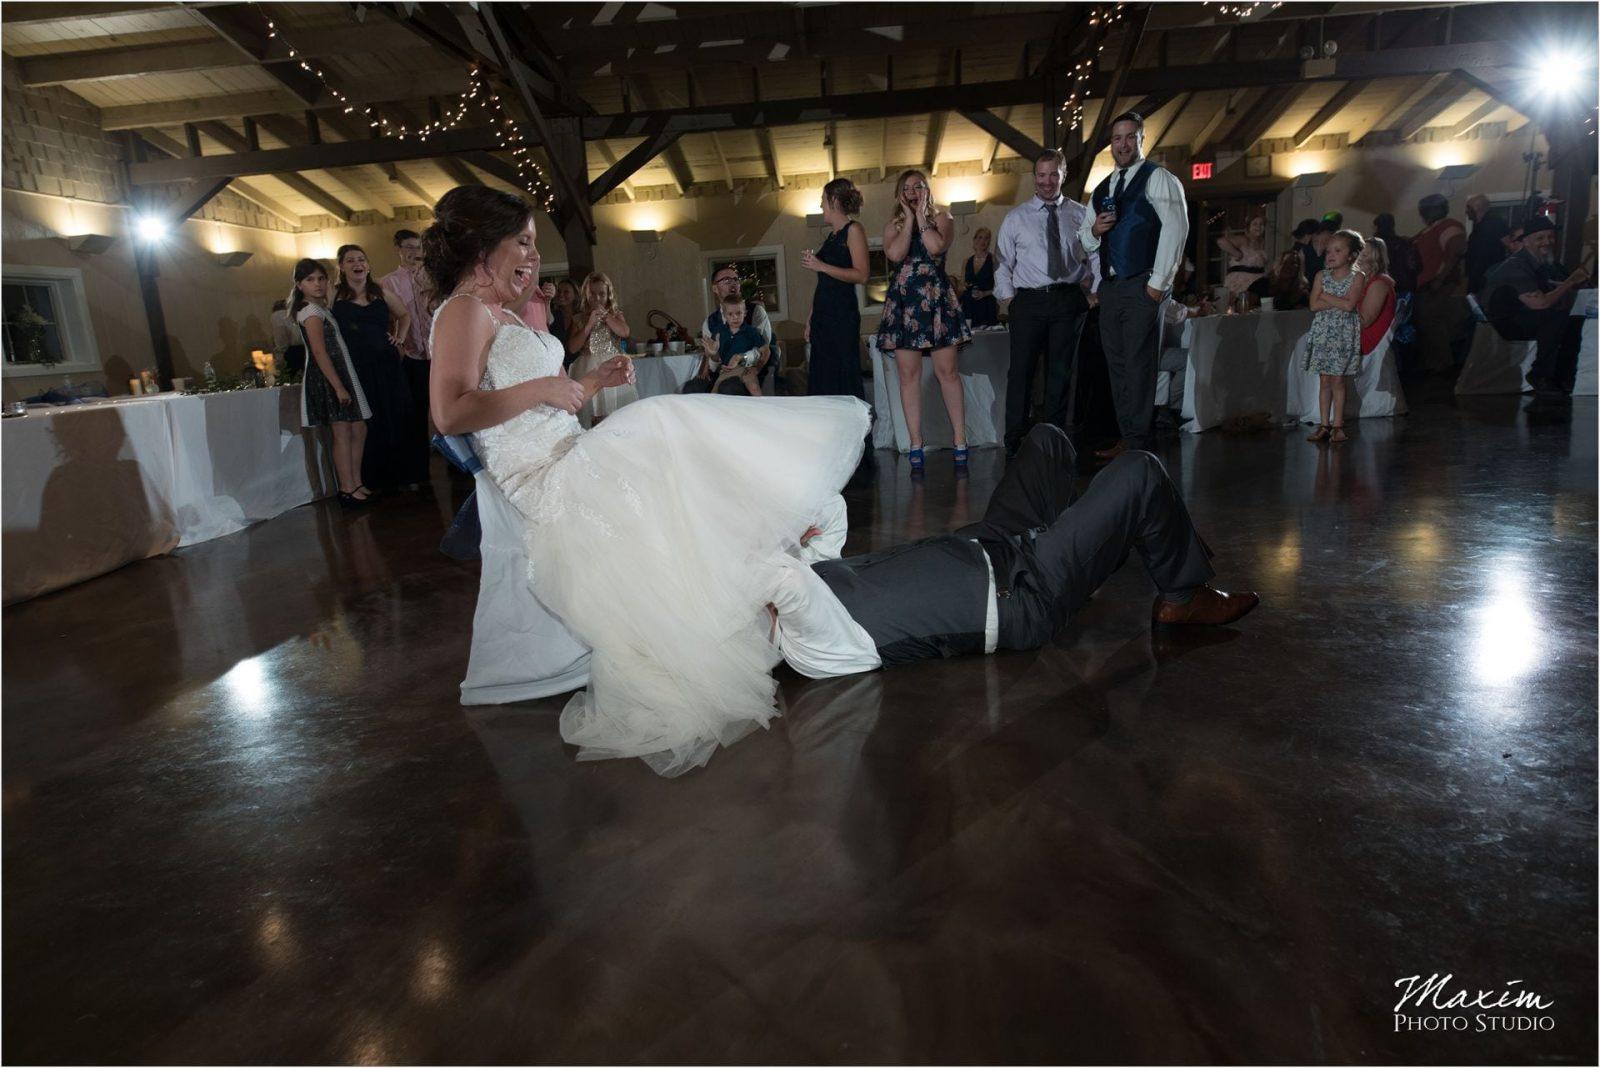 Pattison Park Wedding Reception garter